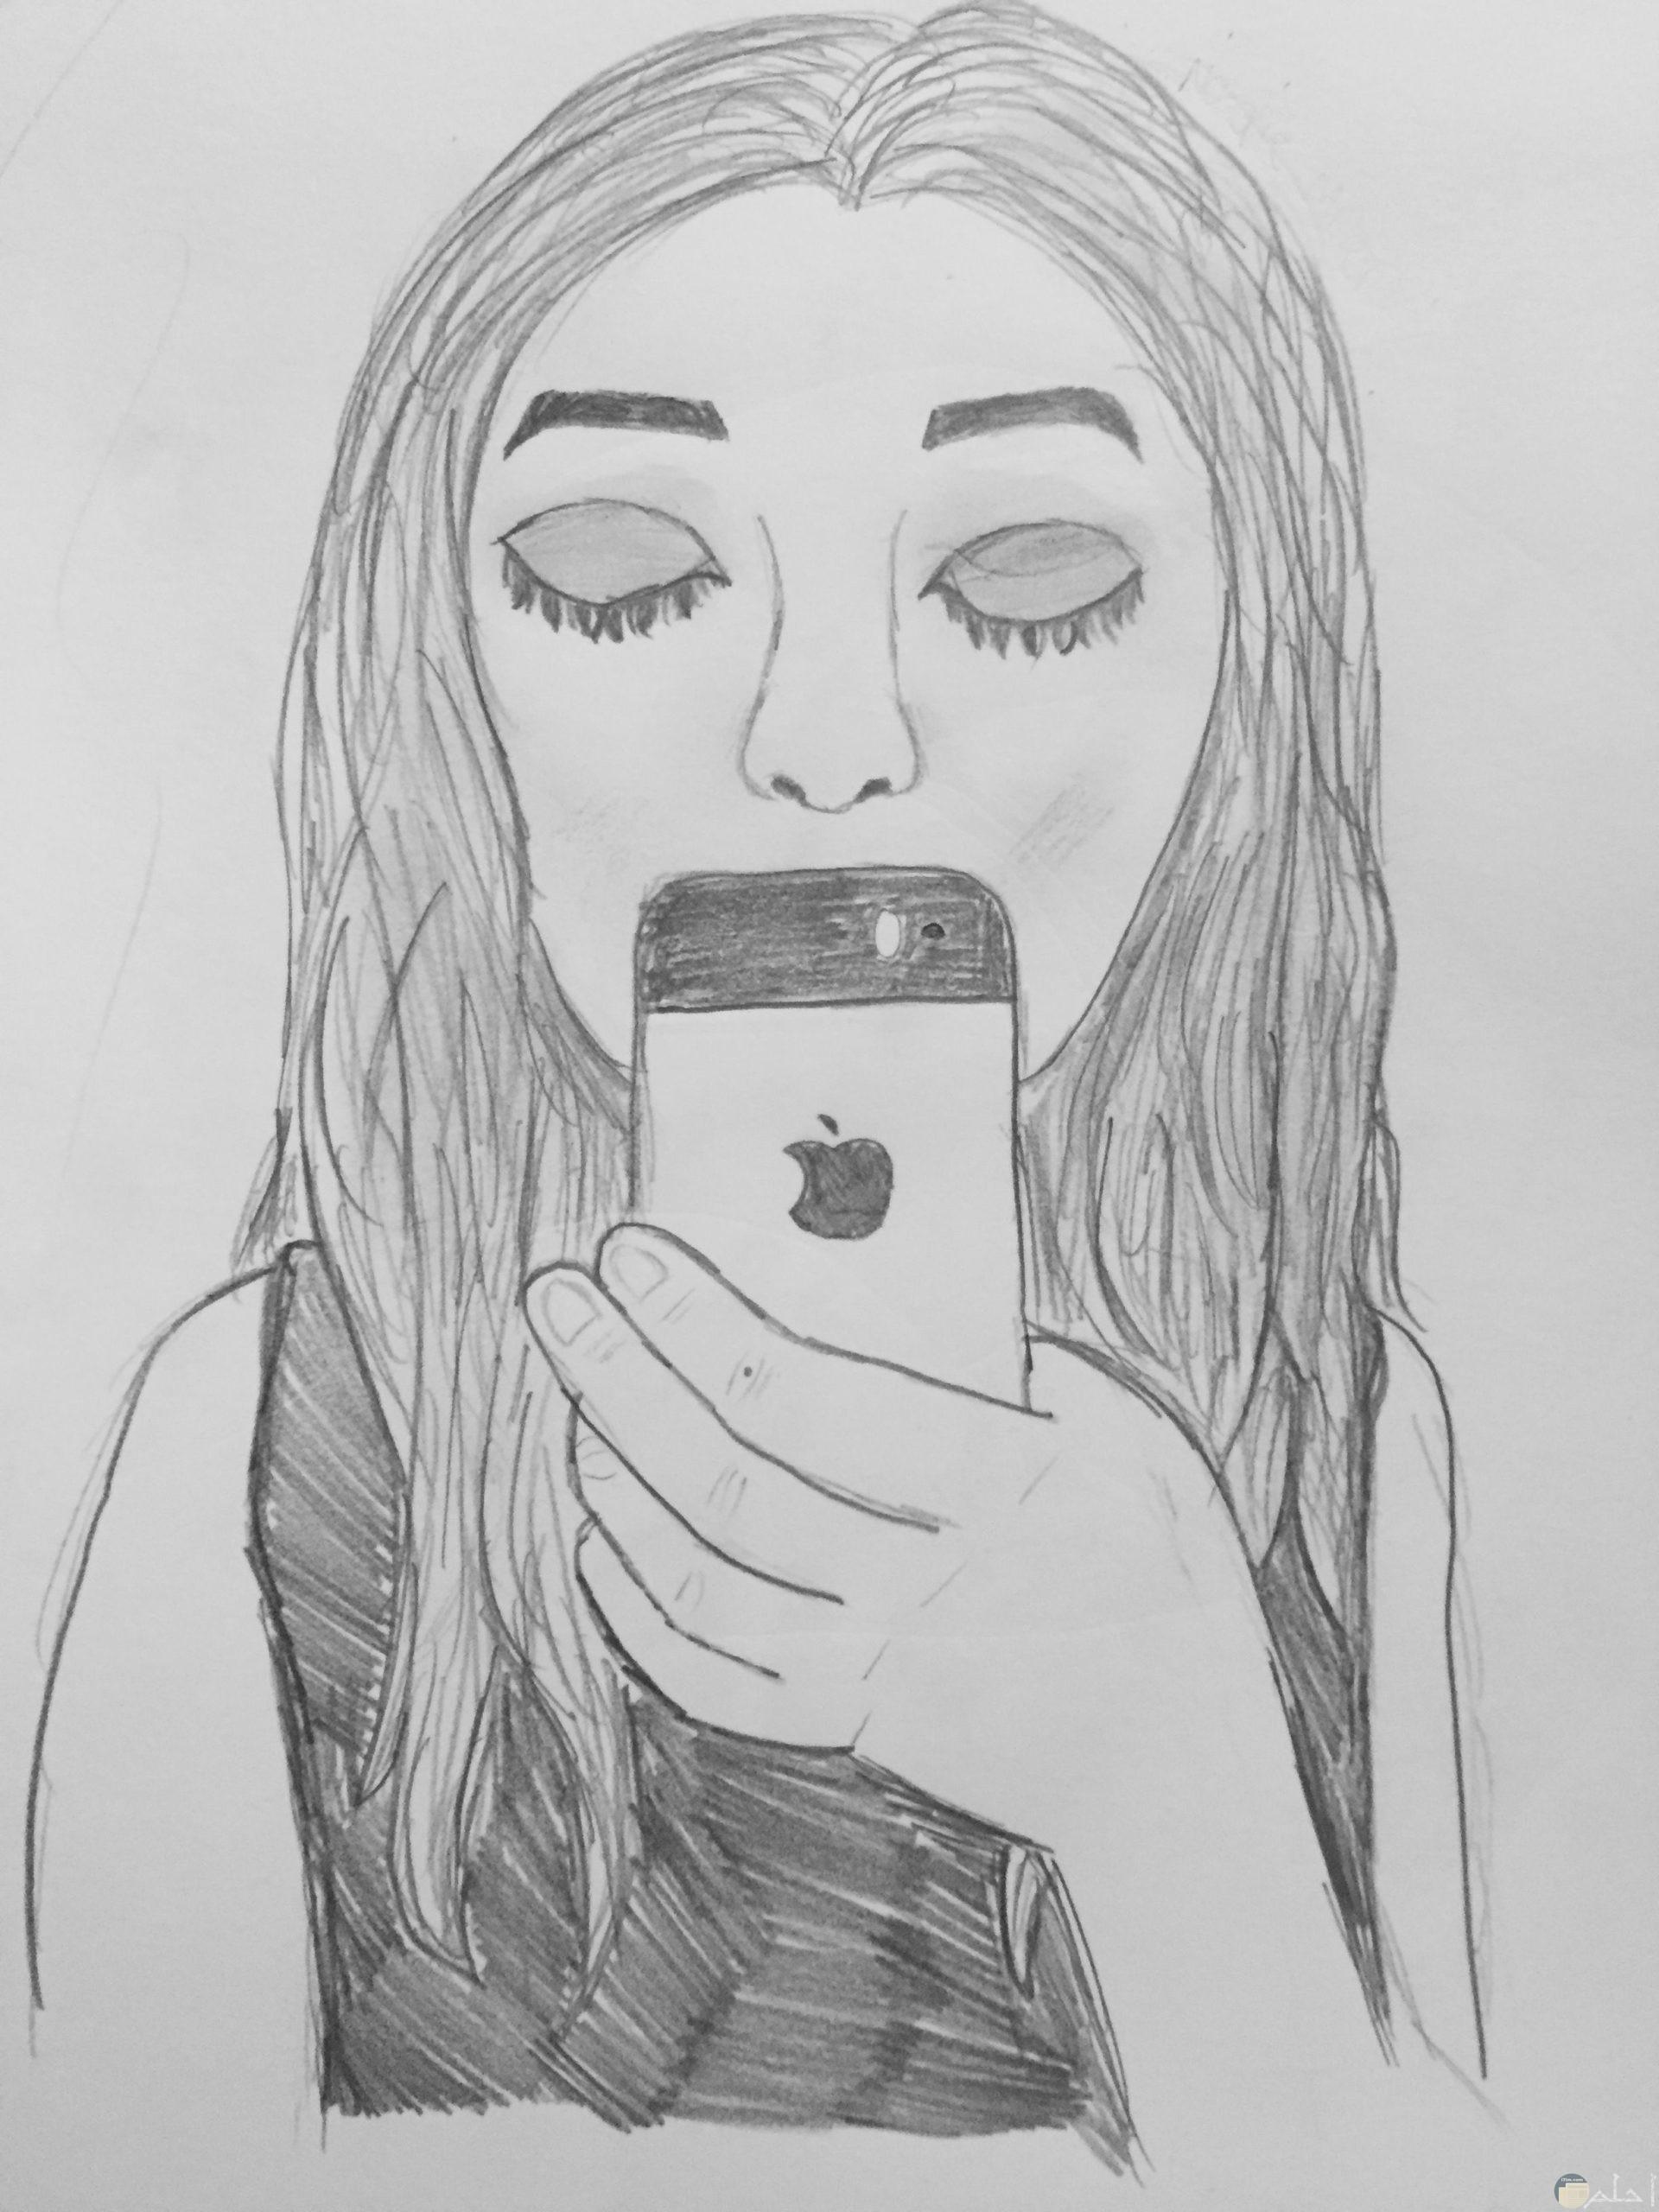 رسمة بنت بالقلم الرصاص مع هاتف محمول و تصوير سيلفى.